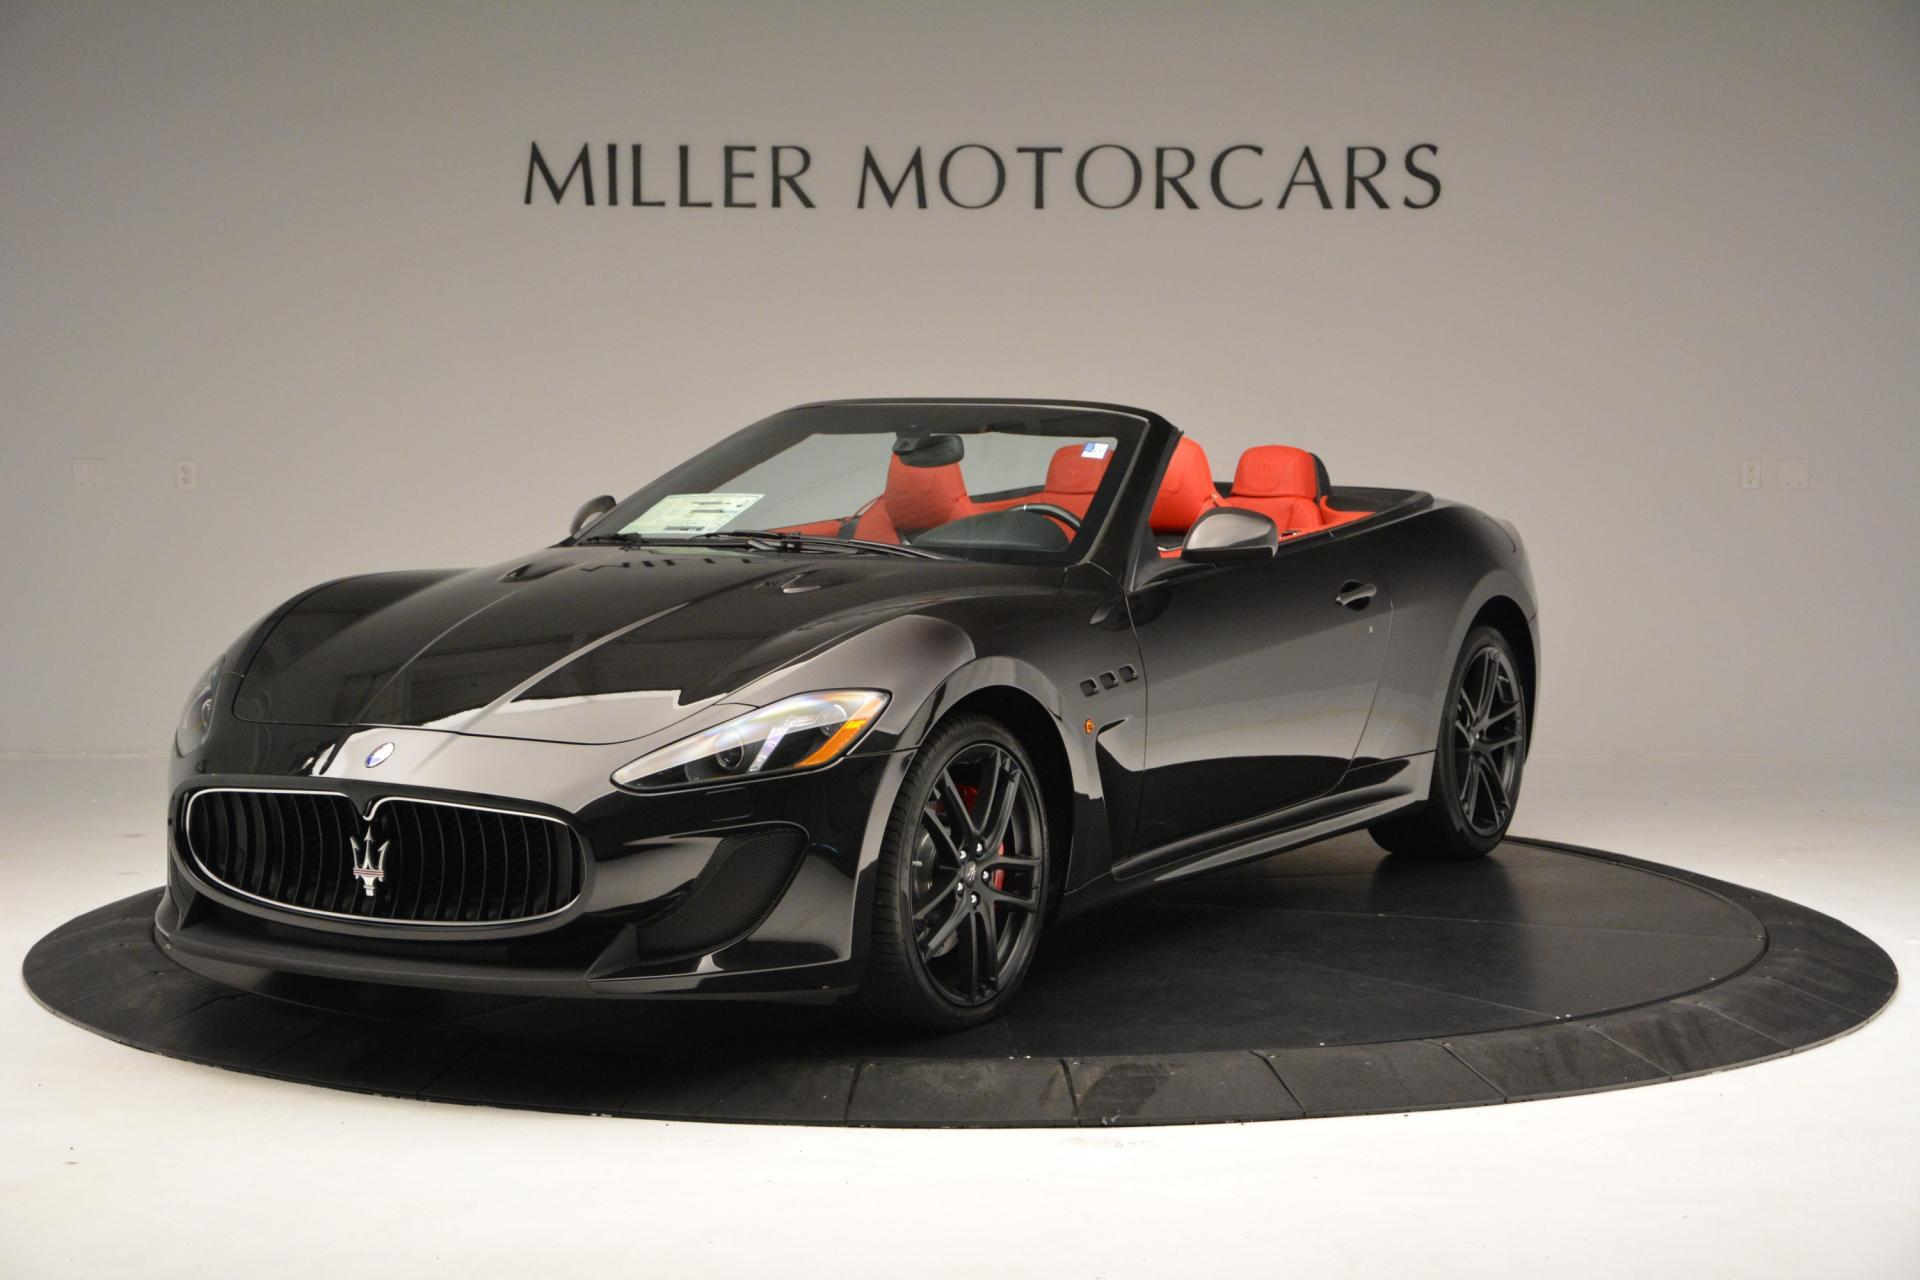 New 2016 maserati granturismo convertible mc greenwich ct - Maserati granturismo red interior ...